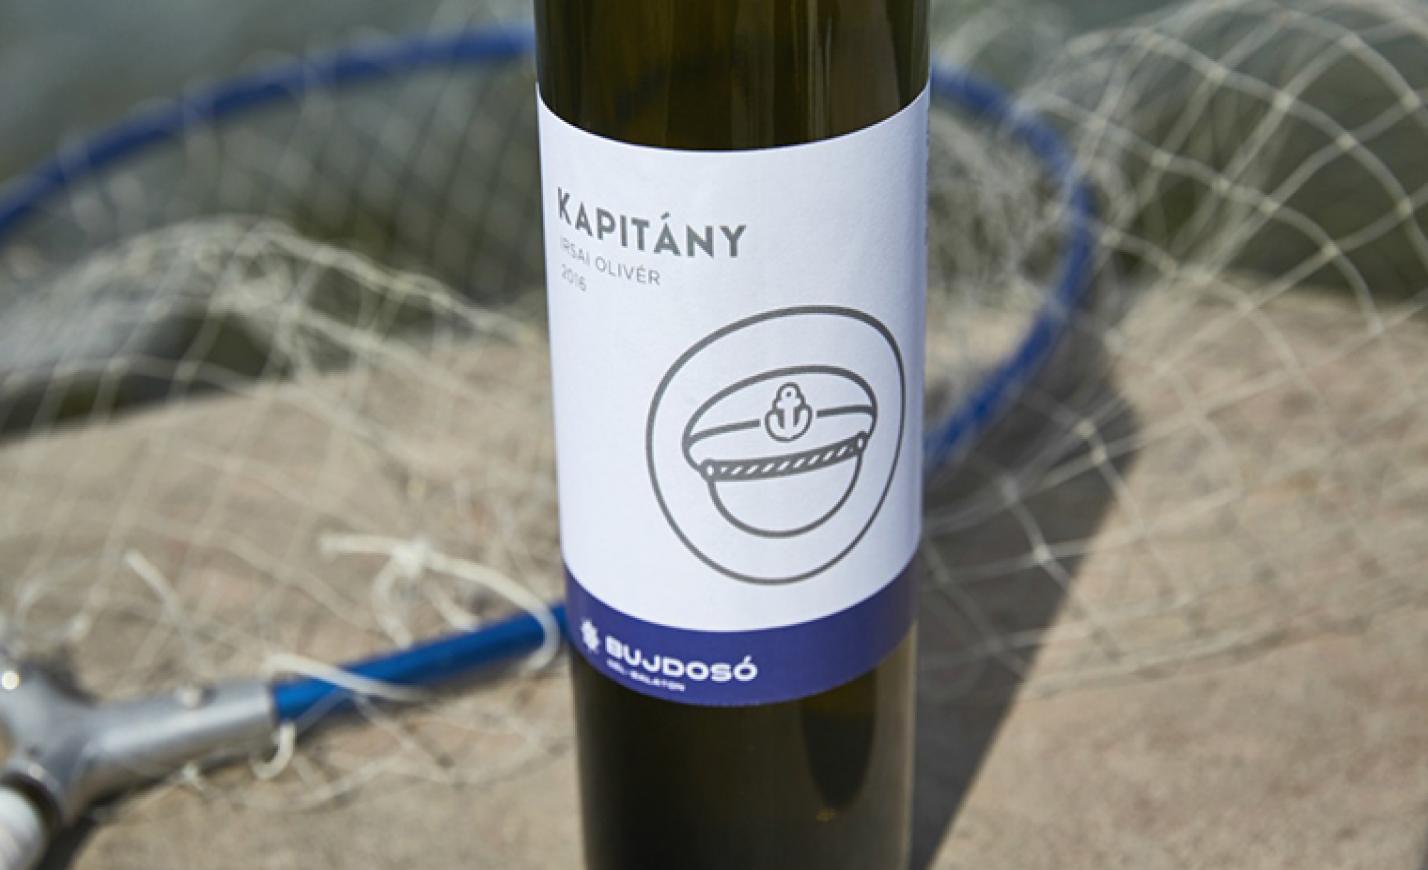 Új címkével érkeznek a Bujdosó Pincészet borai